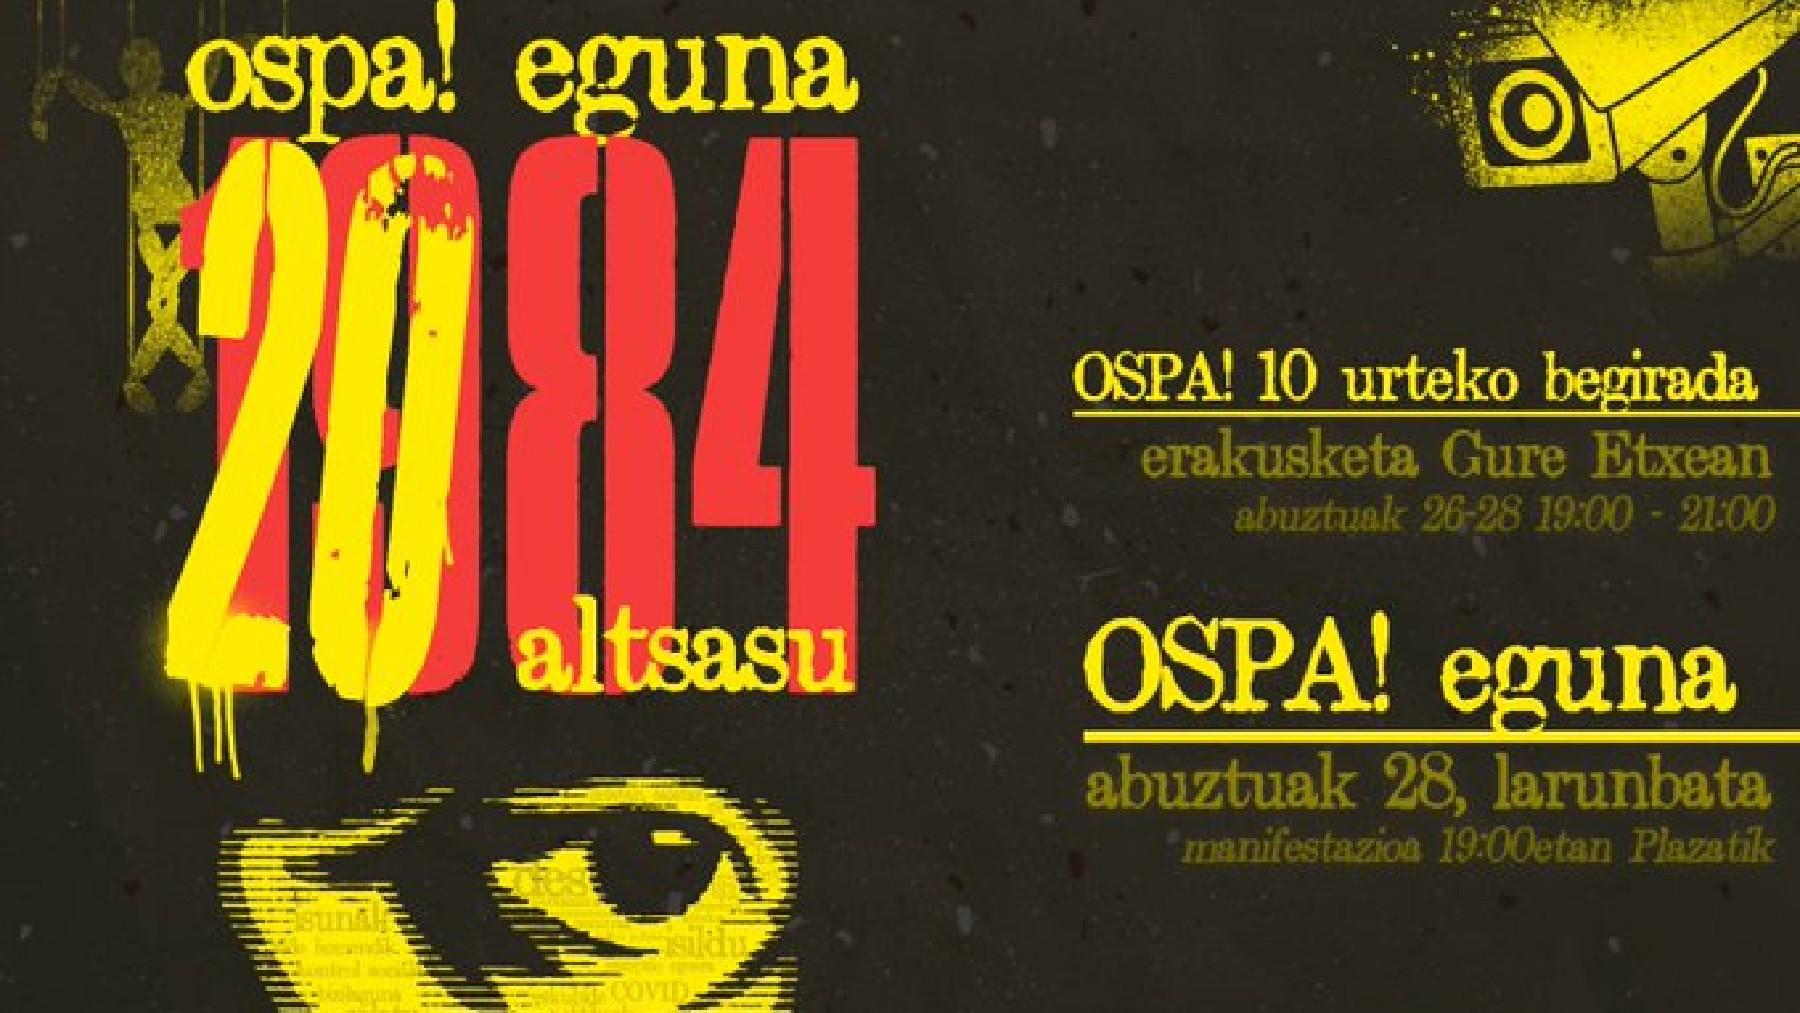 Cartel del 'Ospa Eguna' de este sábado en Alsasua.